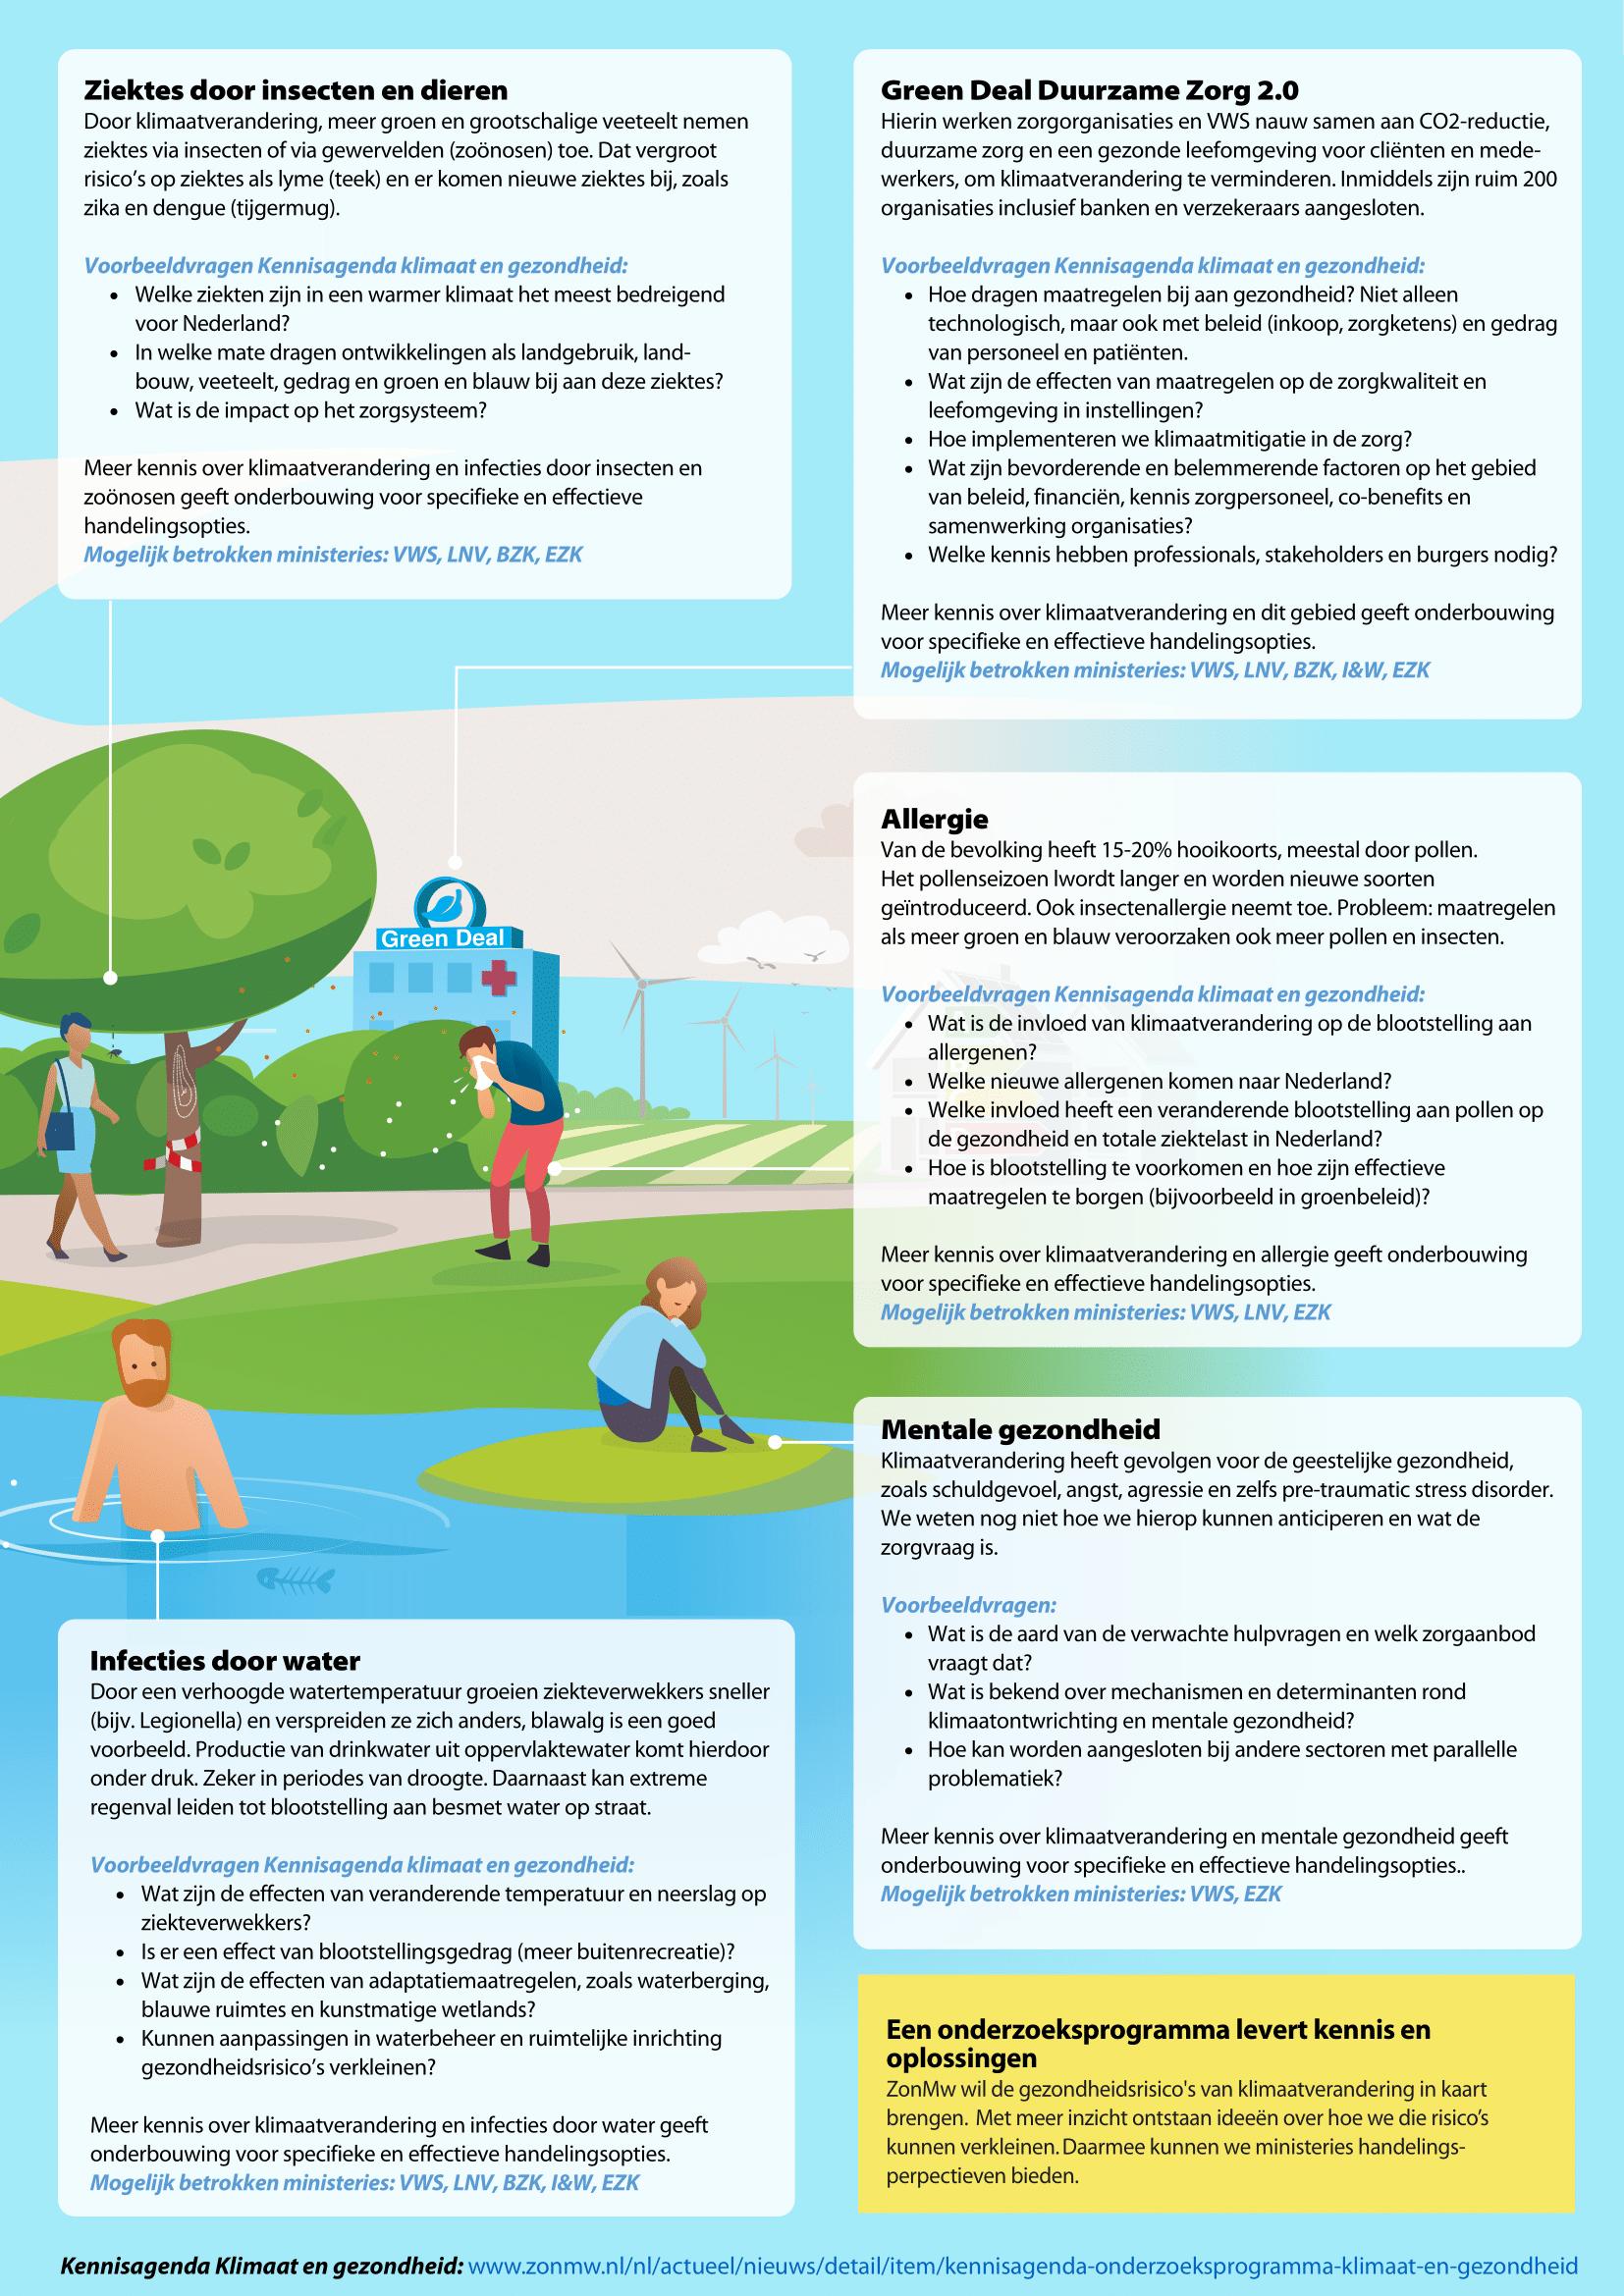 Voorbeeld van hoe je kunt lobbyen met infographic om samenwerkingspartners te vinden voor de financiering van een programma om de gezondheidsgevolgen van klimaatverandering te onderzoeken. Pagina 2